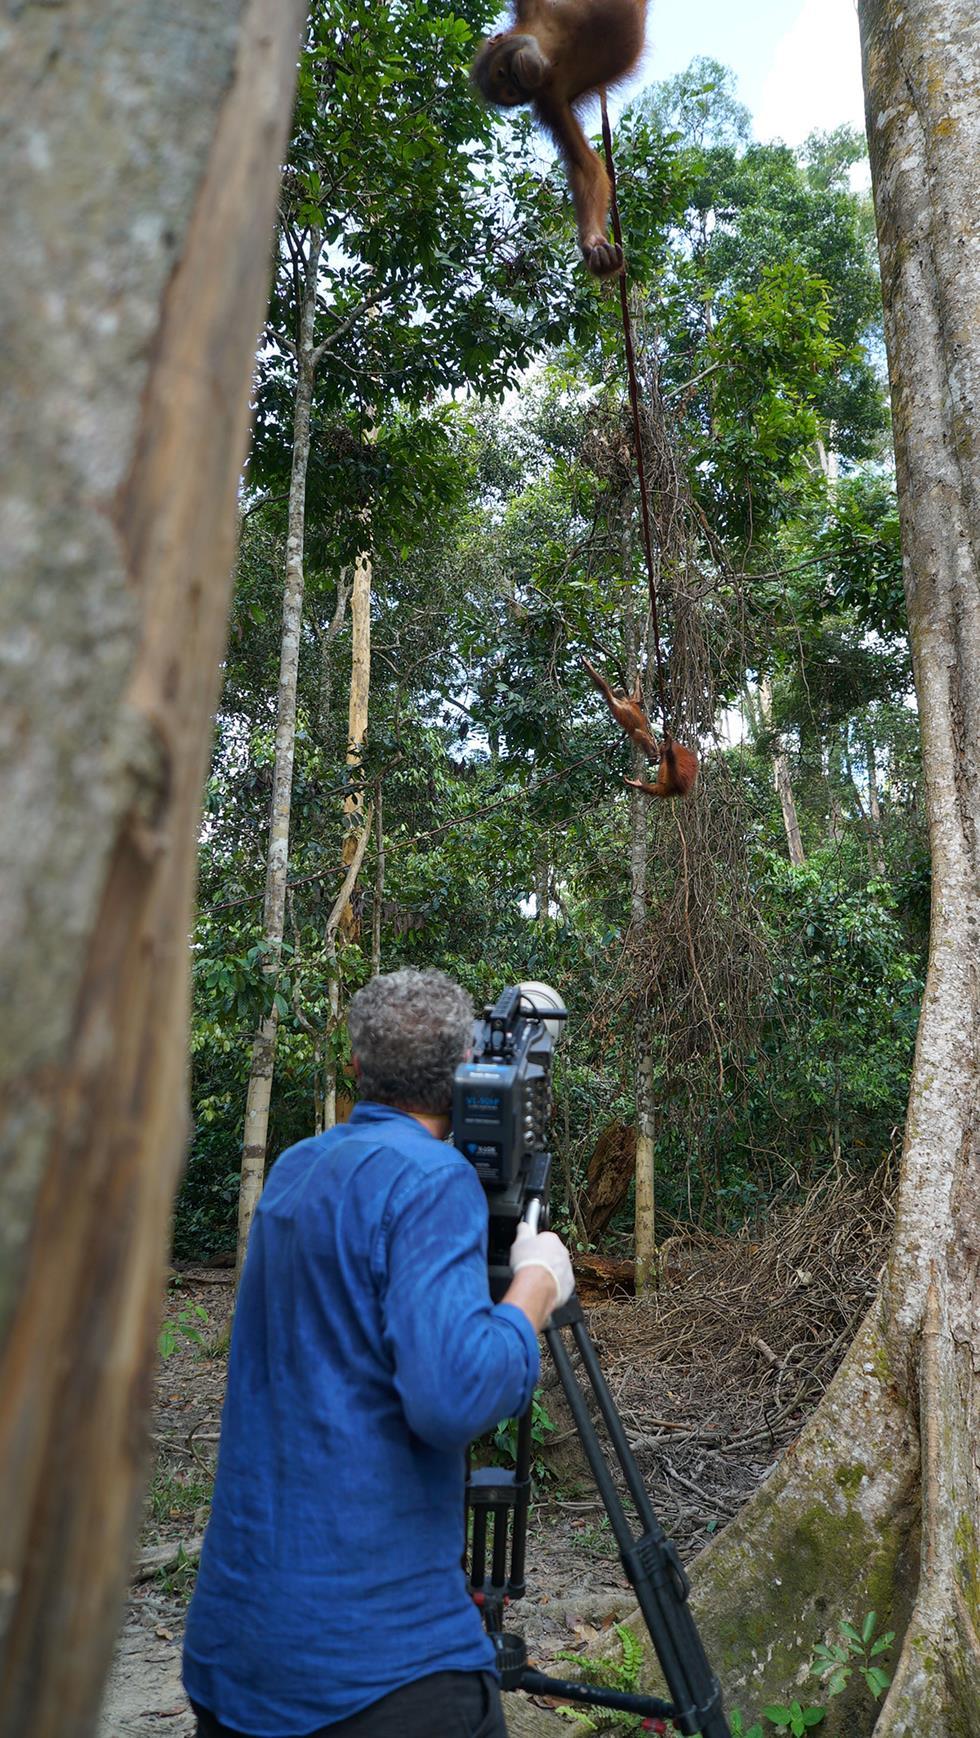 צלם הטבע גורדון ביוקנן מצלם את האורנג-אוטנים בשמורה (צילום: Dragonfly Film & TV Ltd)